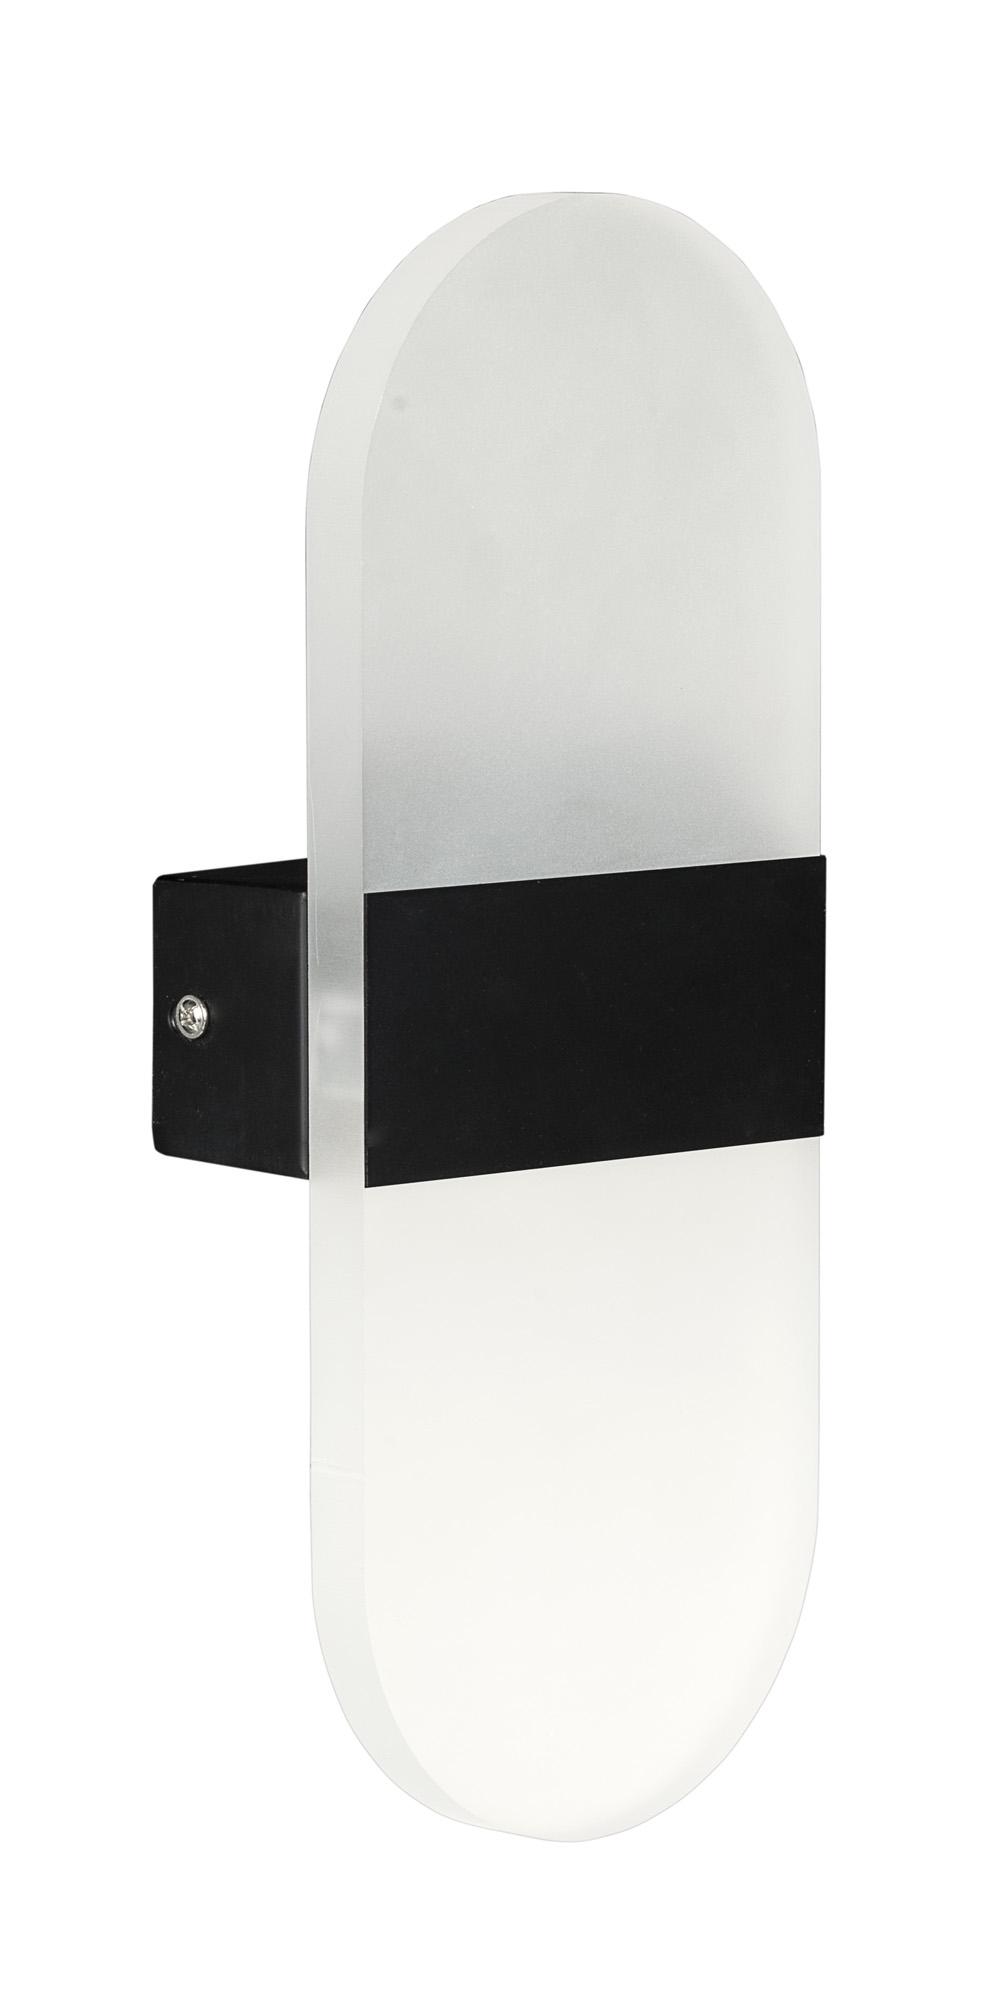 Kinkiet dekoracyjny LED AJE-ISLO BLACK IP44